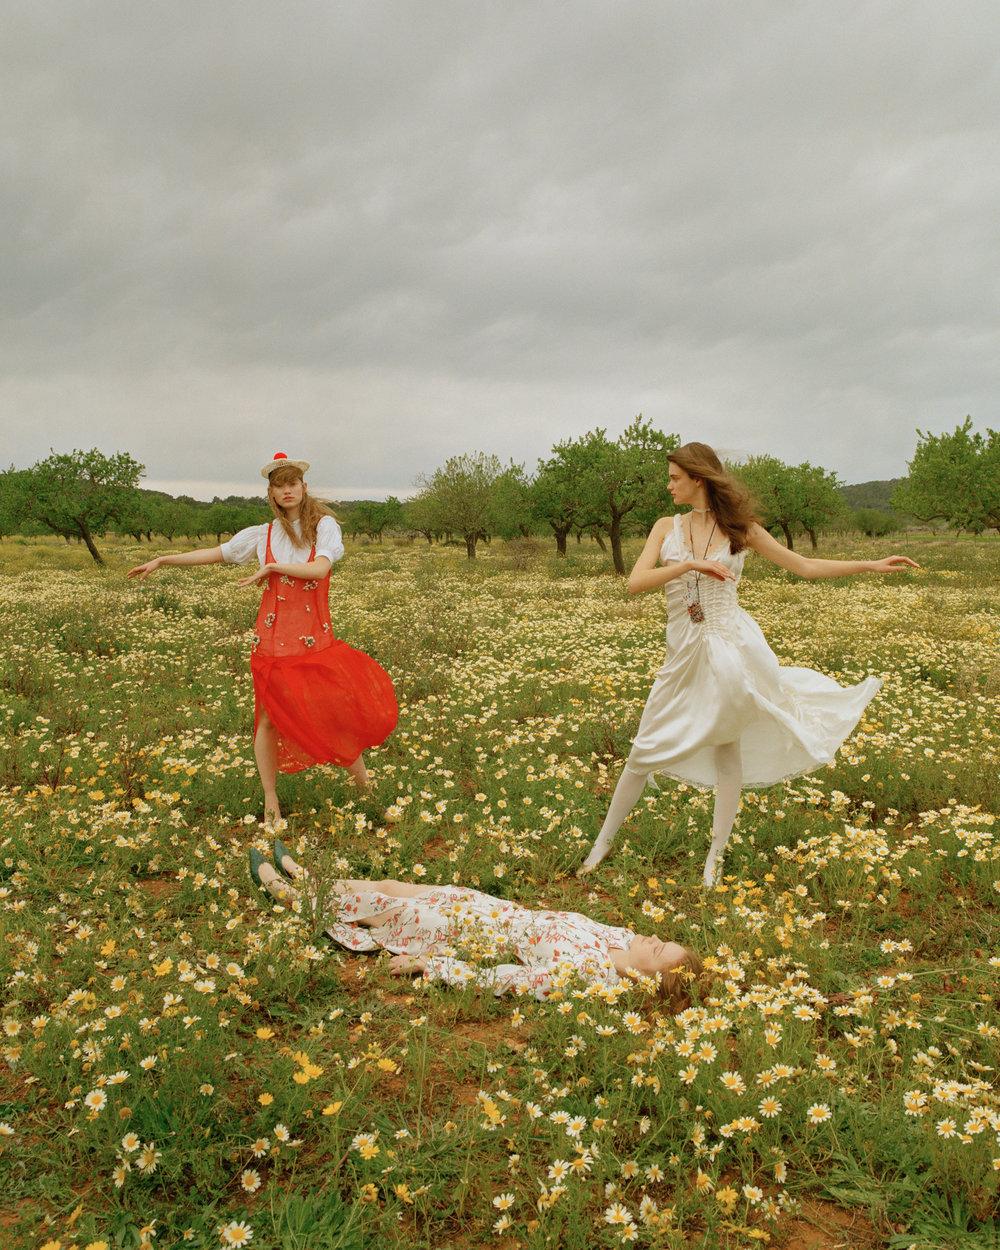 Vogue Italia (1 of 10).JPG